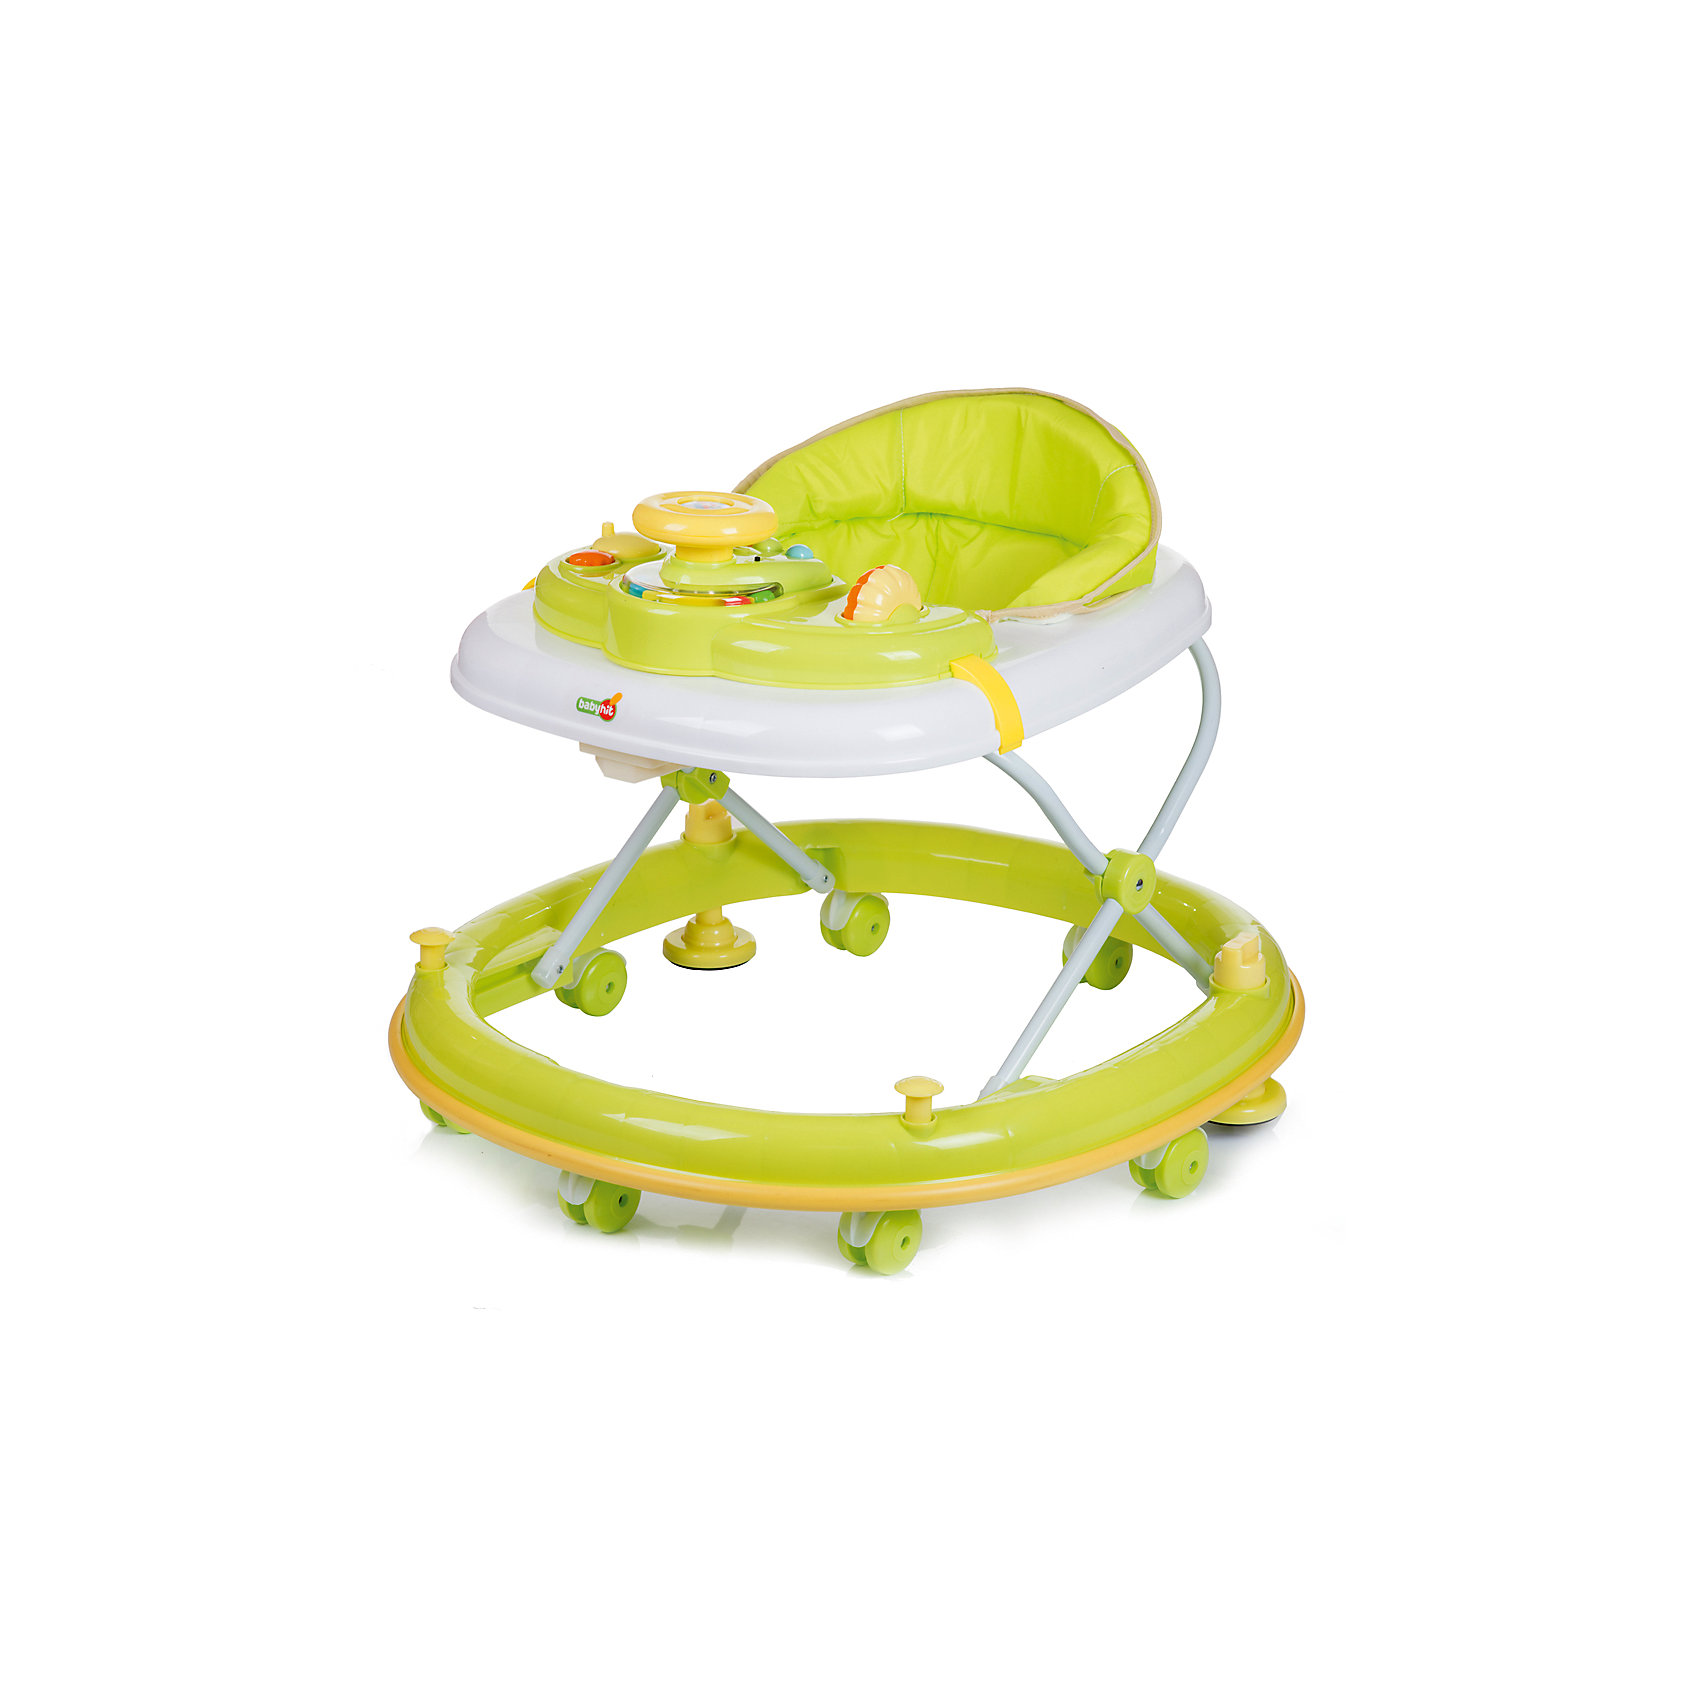 Ходунки CLEVER, Babyhit, зелёныйХодунки<br>Характеристики:<br><br>• закругленная база с мягкой окантовкой;<br>• защита от появления царапин на мебели и стенах;<br>• регулируется высота ходунков, 3 положения;<br>• игровая панель с развивающими игрушками;<br>• световое и звуковое сопровождение;<br>• наличие сдвоенных колесиков со стопорами;<br>• съемный чехол сиденья для ухода и очистки;<br>• компактное складывание;<br>• размер упаковки: 71,5х11х66,5 см;<br>• вес: 4,8 кг.<br><br>Продуманная до мелочей конструкция ходунков предоставляет ребенку свободу перемещений в пространстве на этапе его роста и развития. Малыш находится в ходунках в сиденье-коконе, с высокой спинкой в мягкой обивке. Игровая панель для игры и развития ребенка имеет звуковой модуль и подвижные элементы. Основание ходунков имеет прорезиненную накладку по всему диаметру, которая предотвратит мелкие царапины на мебели во время путешествий ребенка в ходунках в помещении. <br><br>Ходунки CLEVER, Babyhit, цвет зеленый можно купить в нашем интернет-магазине.<br><br>Ширина мм: 715<br>Глубина мм: 110<br>Высота мм: 665<br>Вес г: 4800<br>Возраст от месяцев: 6<br>Возраст до месяцев: 18<br>Пол: Унисекс<br>Возраст: Детский<br>SKU: 5500344